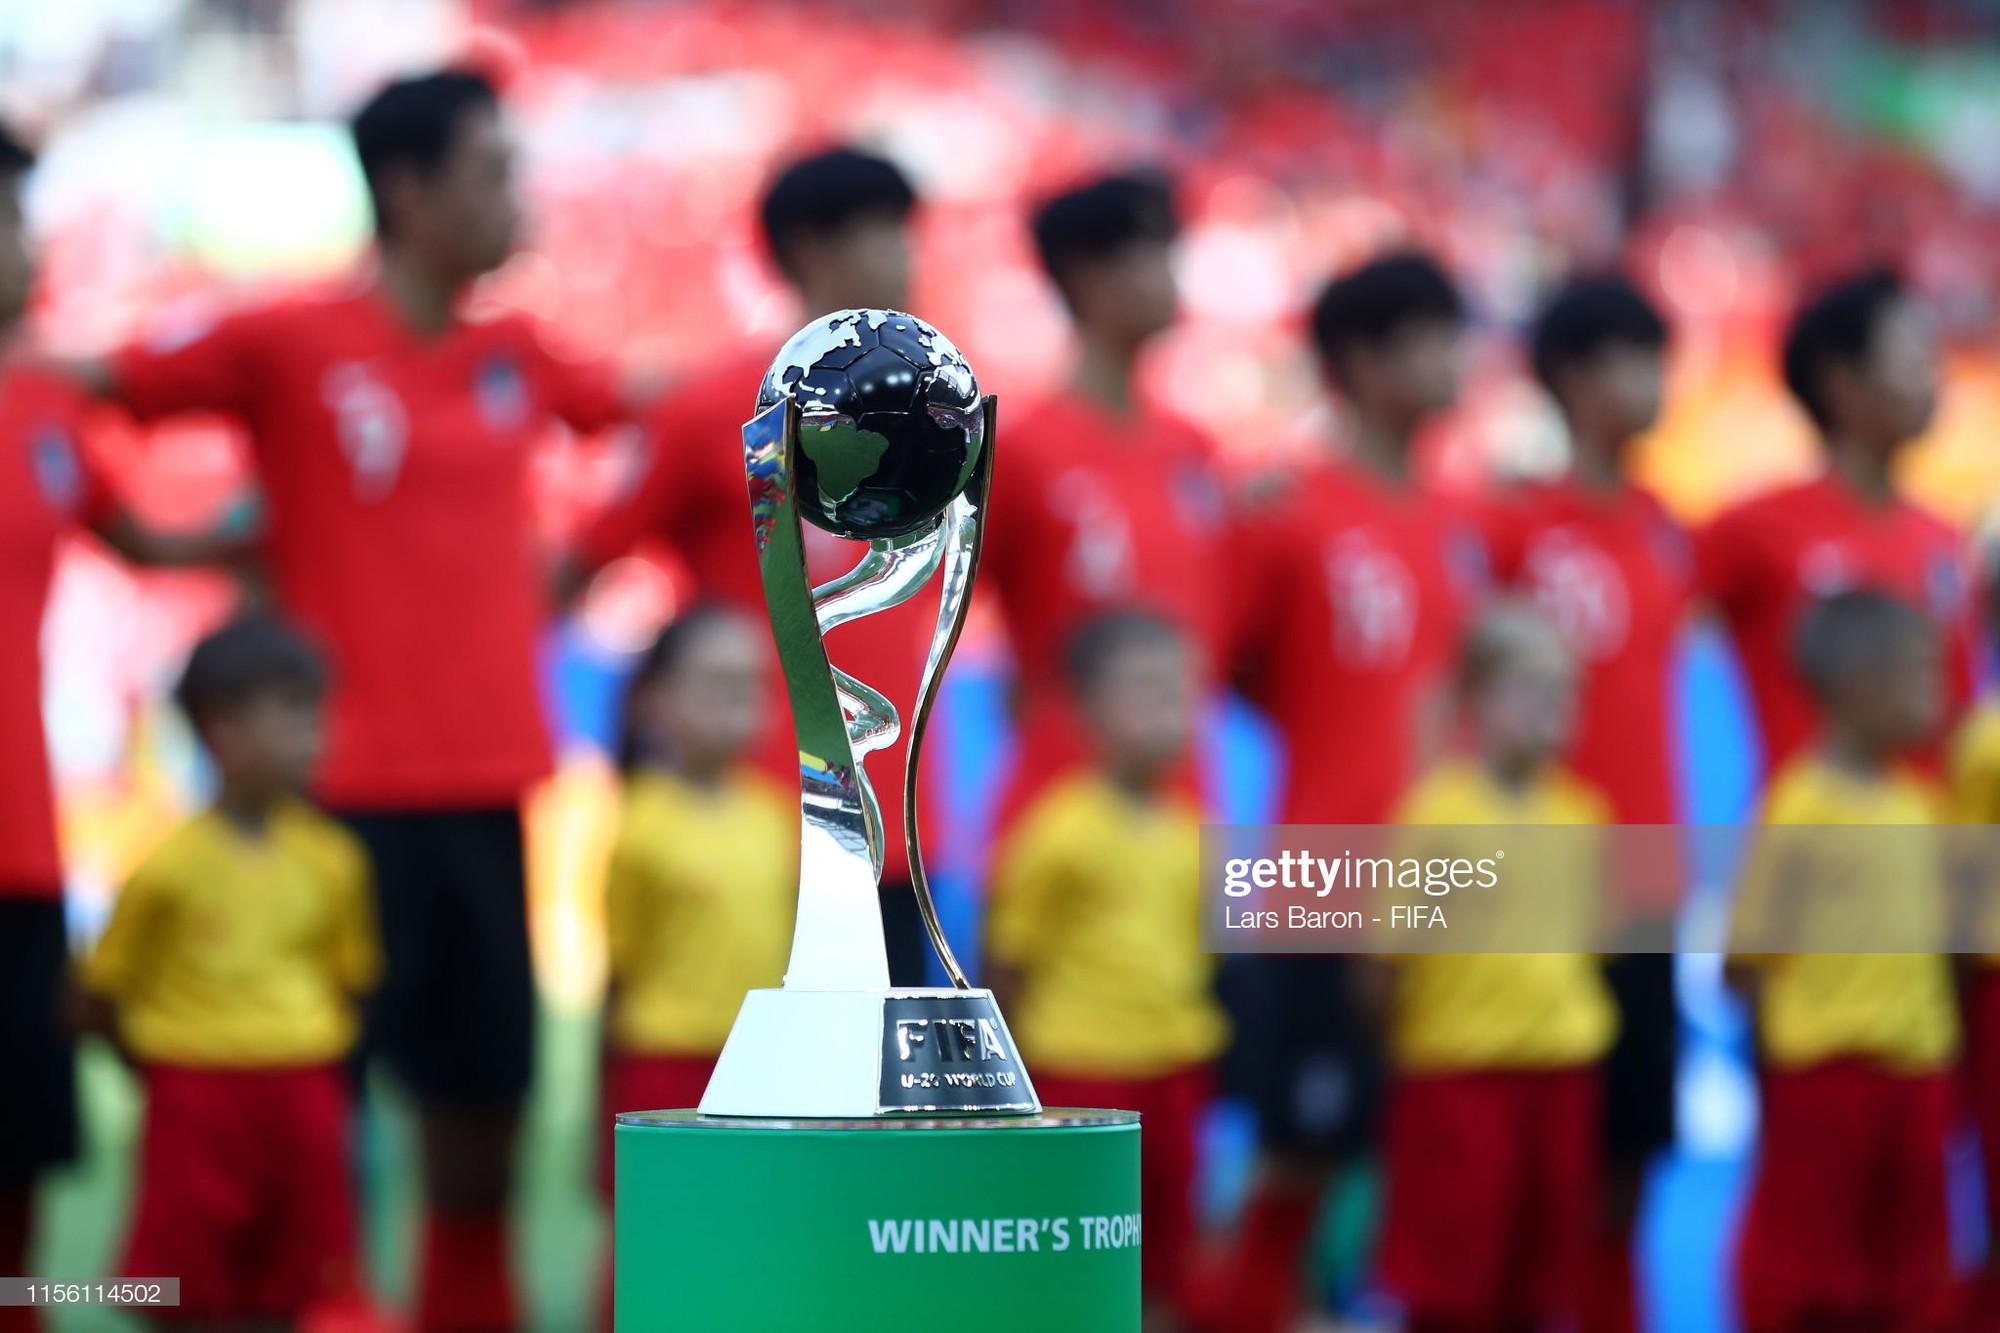 Đội bóng quê hương HLV Park Hang-seo ôm nhau khóc nấc khi thua ngược ở chung kết đấu trường World Cup - Ảnh 2.